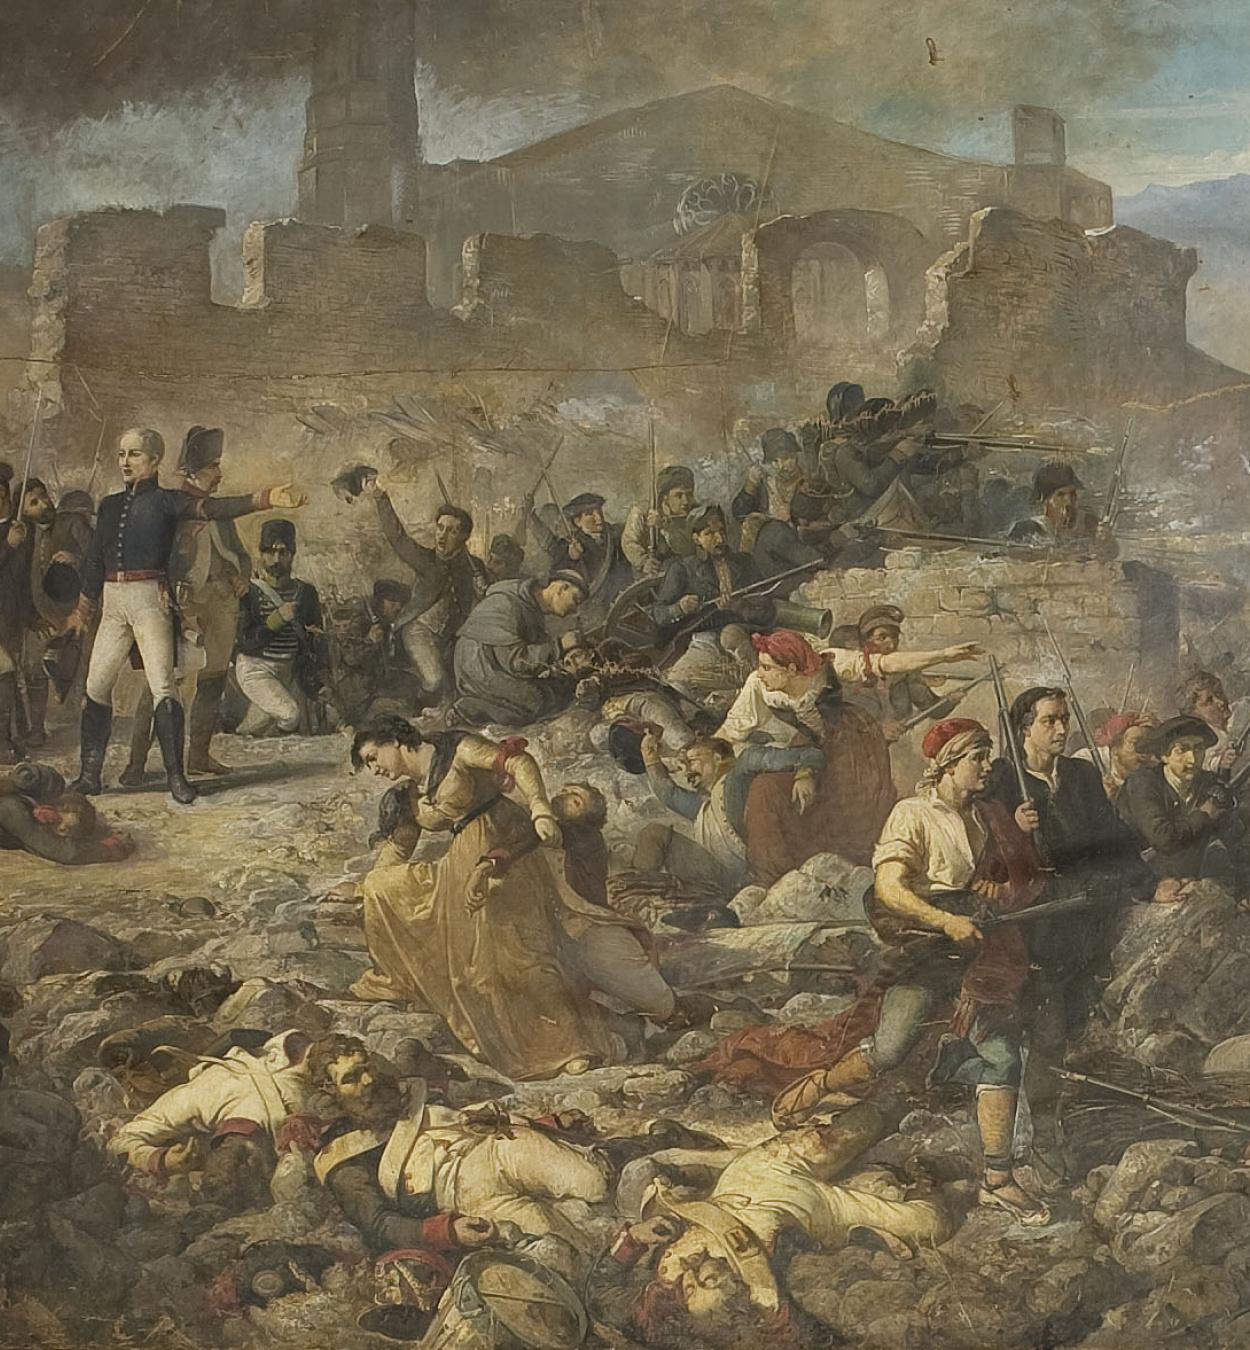 Ramon Martí i Alsina - The Great Day of Girona - 1863-1864